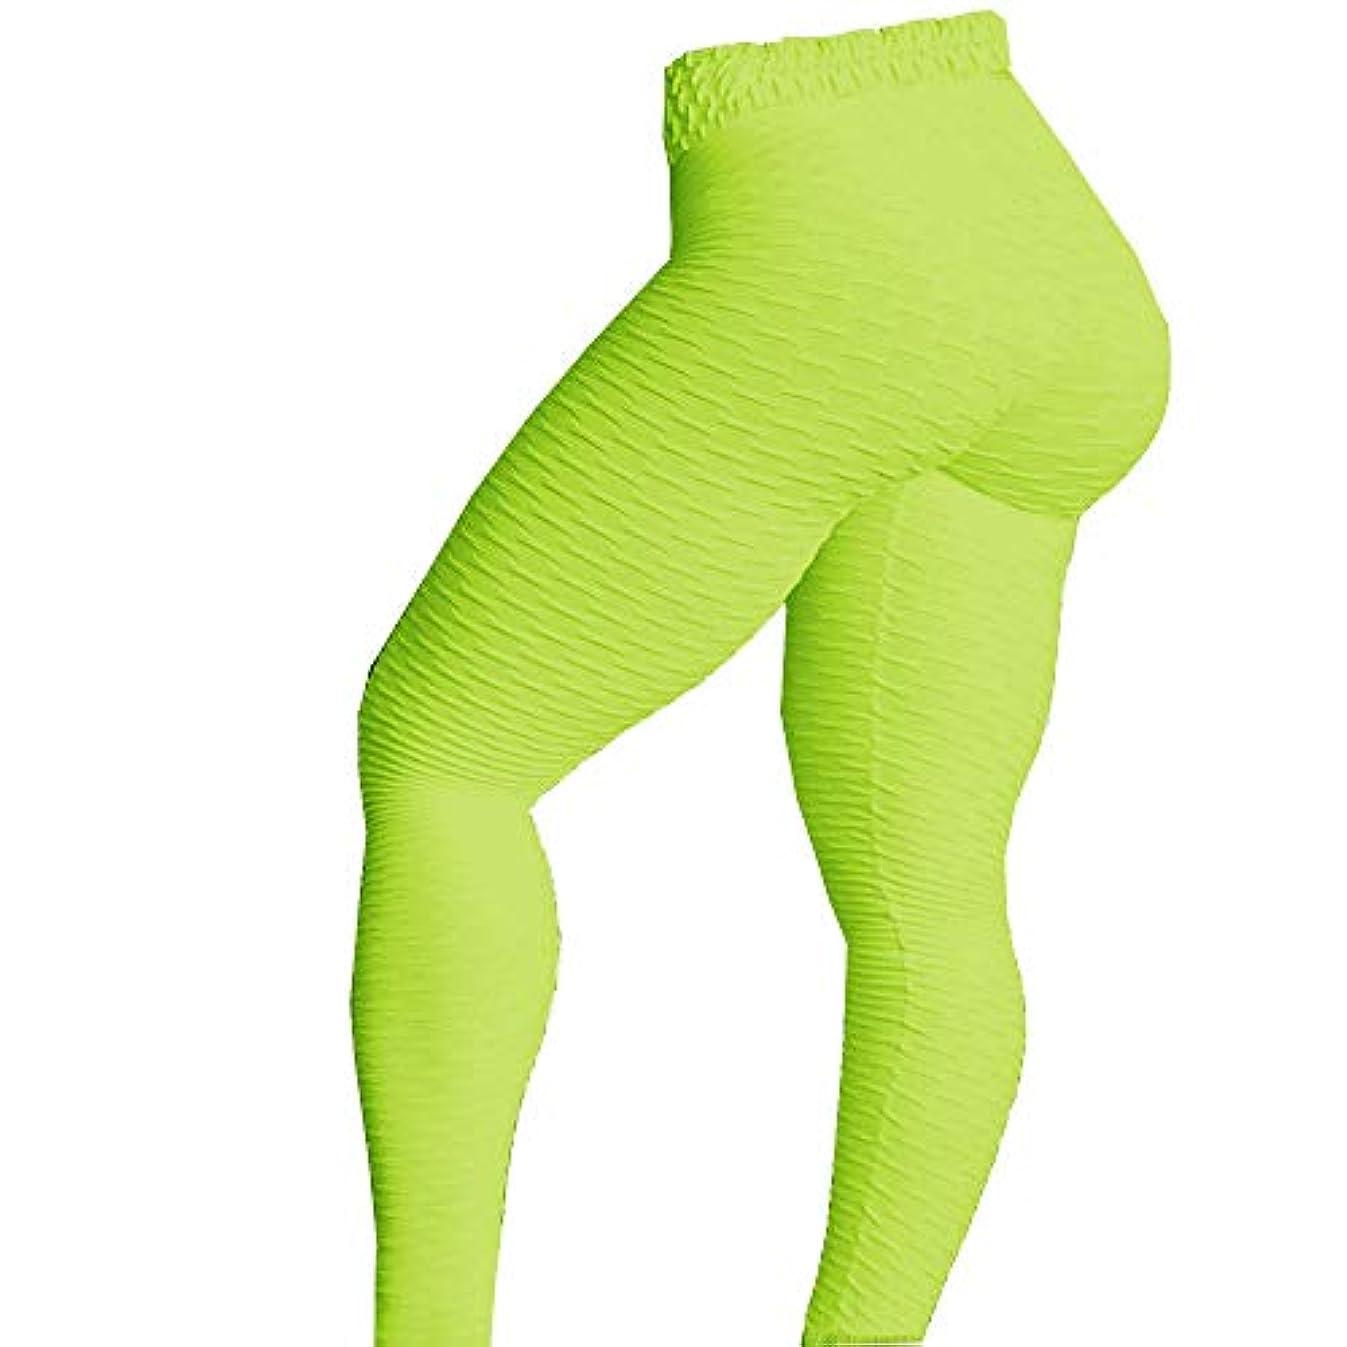 フェザー時計回り補体MIFAN パンツ女性、ハイウエストパンツ、スキニーパンツ、ヨガレギンス、女性のズボン、ランニングパンツ、スポーツウェア